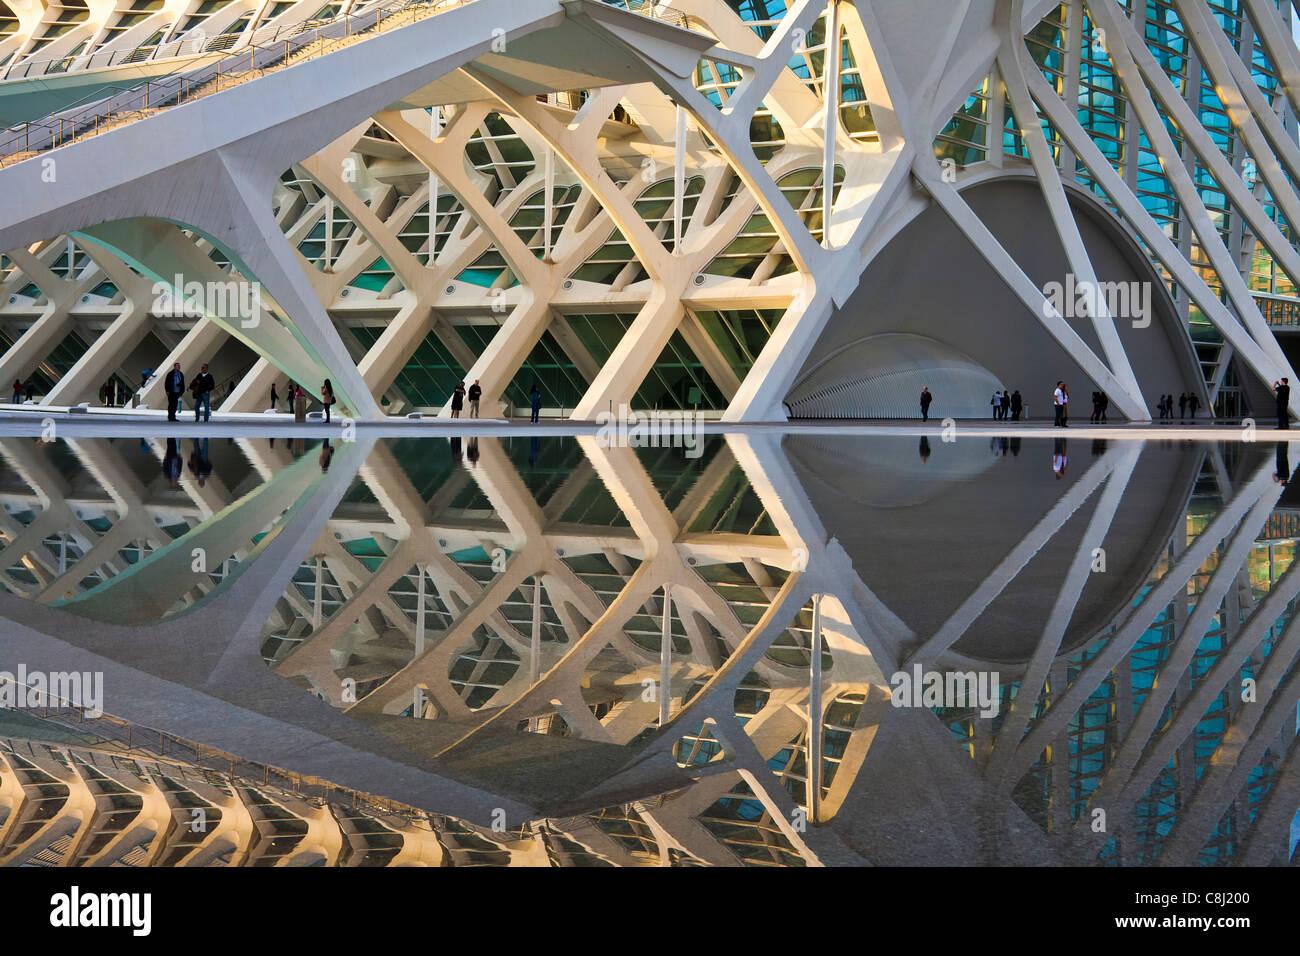 Spagna, Europa, Valencia, Città delle arti e della scienza, Calatrava, architettura moderna, Immagini Stock